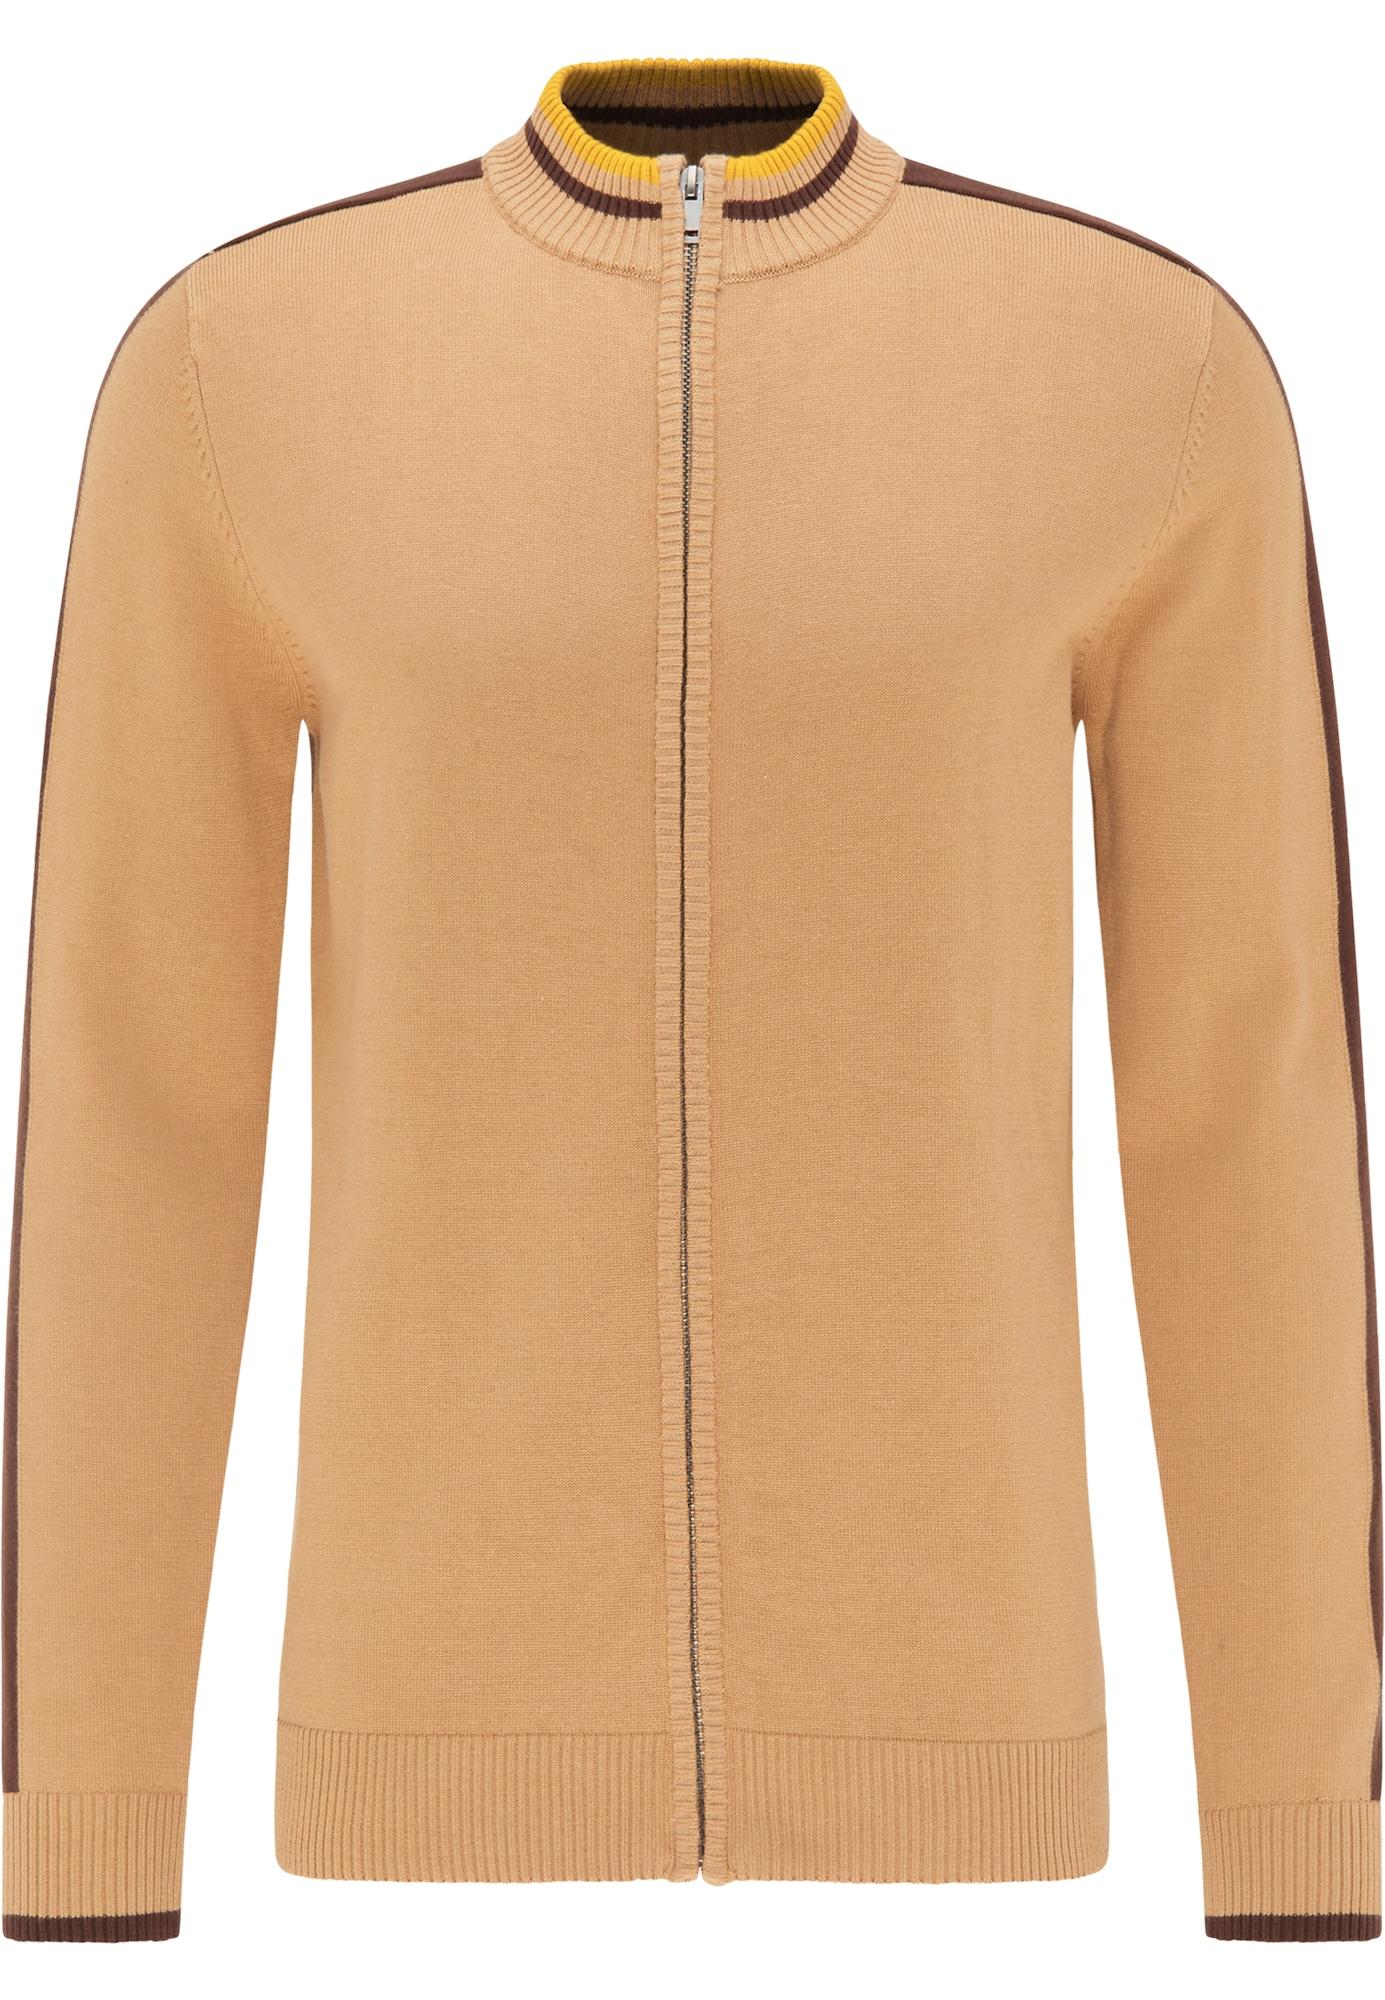 MO Kardiganas šviesiai ruda / tamsiai ruda / aukso geltonumo spalva